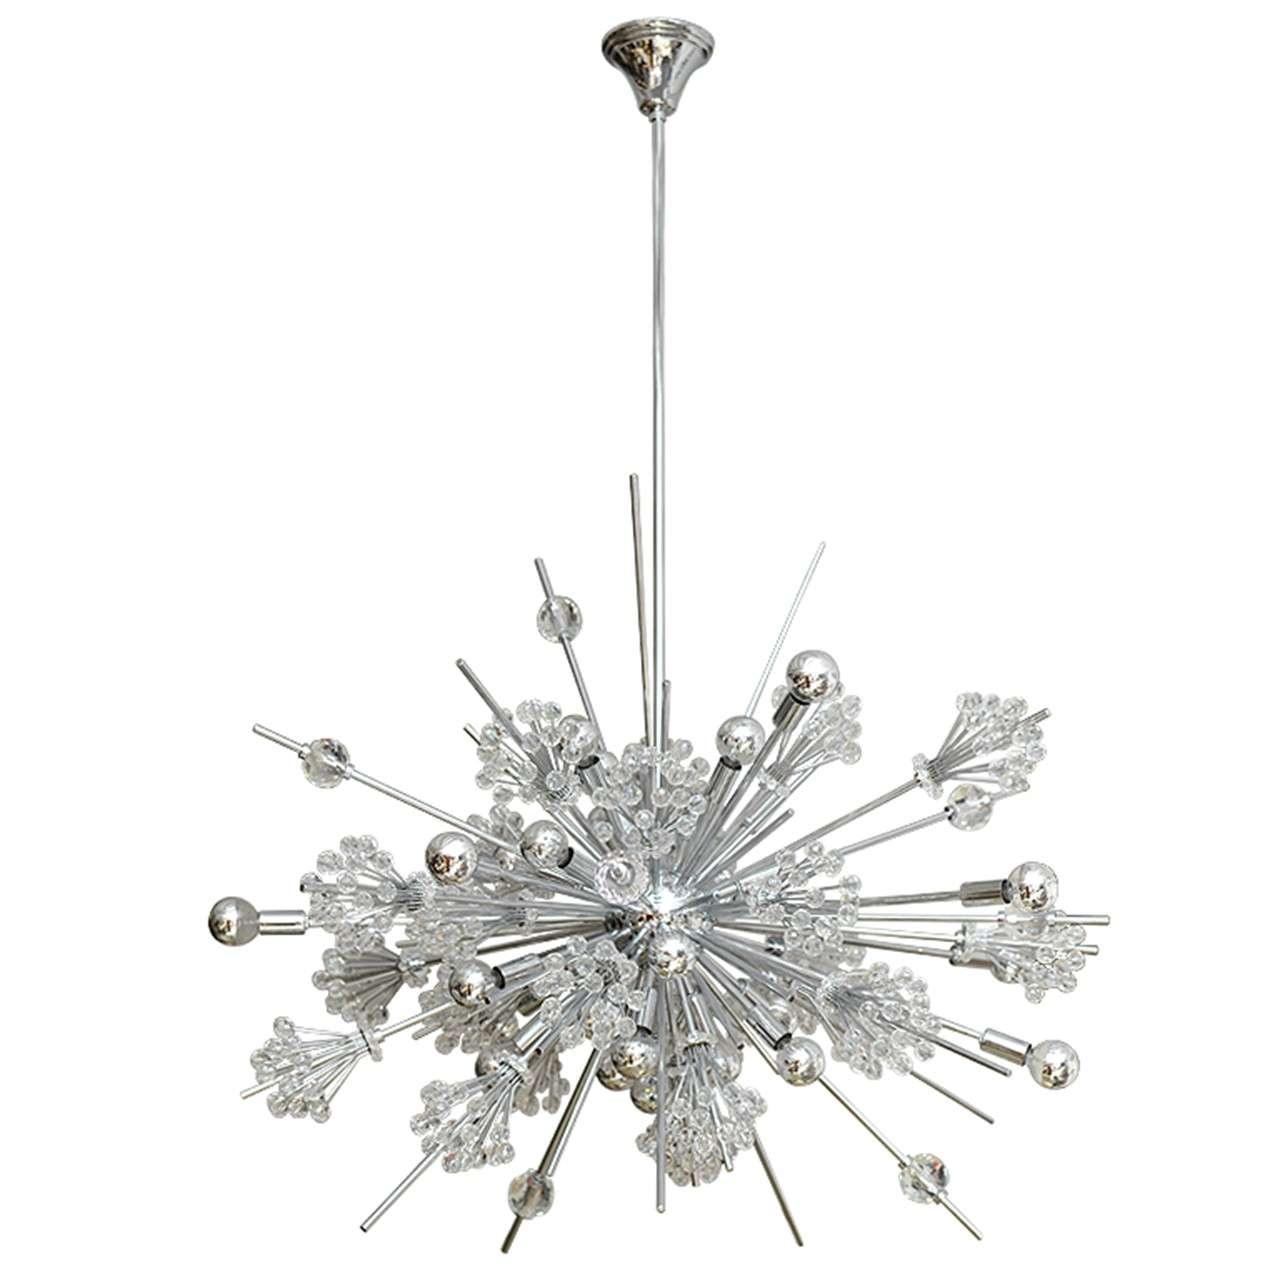 Swarovski crystal sputnik chandelier at 1stdibs for Sputnik chandelier